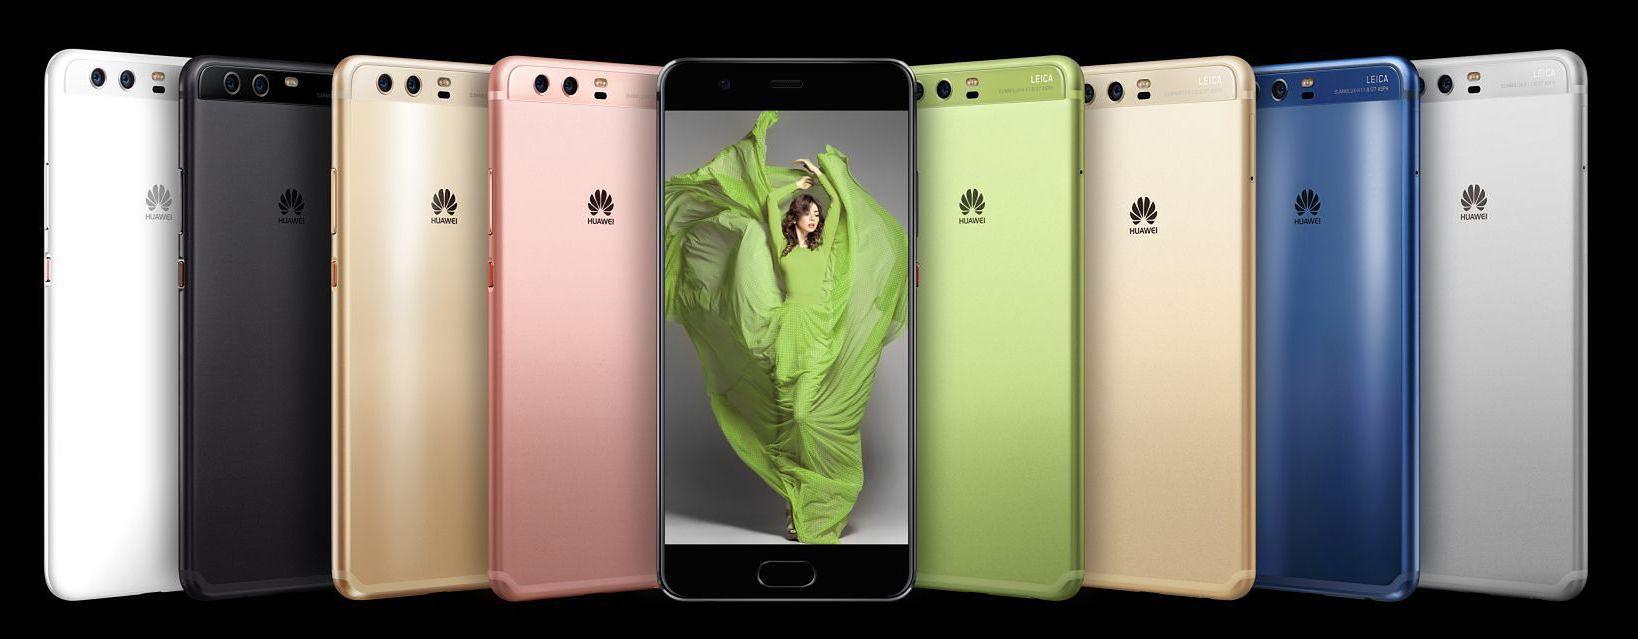 Ogromny Huawei P10 i P10 Plus - oto, co musicie o nich wiedzić WQ02